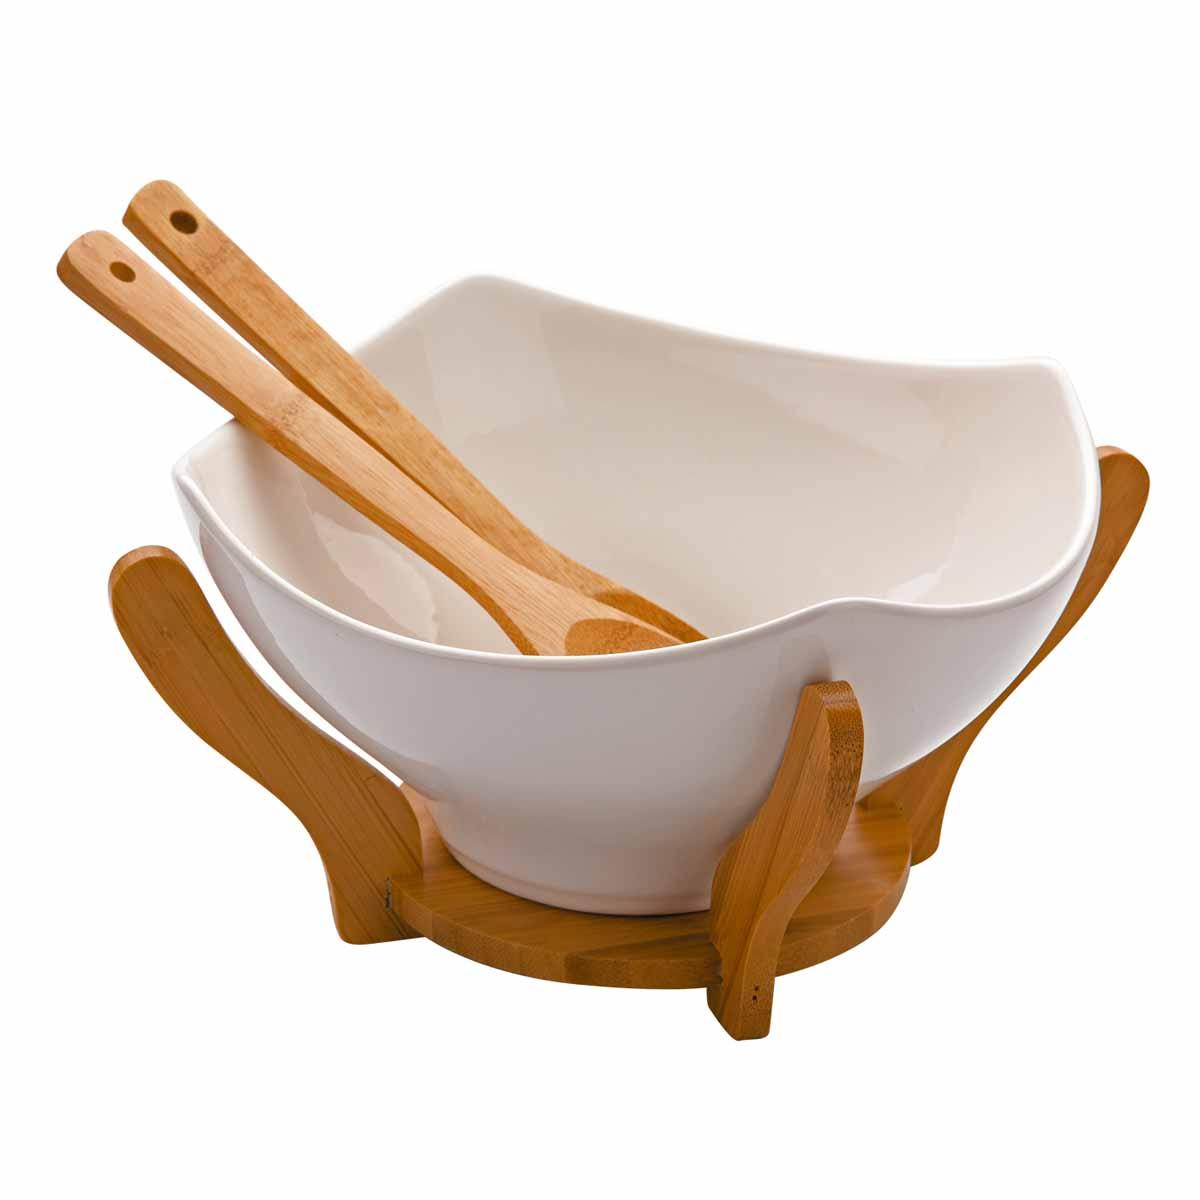 Салатница Dekok, с 2 ложками, с подставкой, 23,5 х 23,5 смPW-2711Салатница Dekok изготовлена из фарфора и имеет оригинальную форму. Посуда безопасна для здоровья и окружающей среды. Изделие размещено на подставке, выполненной из бамбука. Такая салатница прекрасно подходит для различных блюд: каш, хлопьев, салатов и многого другого. Она дополнит коллекцию вашей кухонной посуды и будет служить долгие годы. В наборе - 2 деревянные сервировочные ложки. Размер салатницы (по верхнему краю): 23,5 см х 23,5 см. Высота стенки салатницы: 12 см. Длина ложек: 26 см. Размер рабочей части ложек: 6 см х 8,5 см. Размер подставки: 21 см х 21 см х 11,6 см.